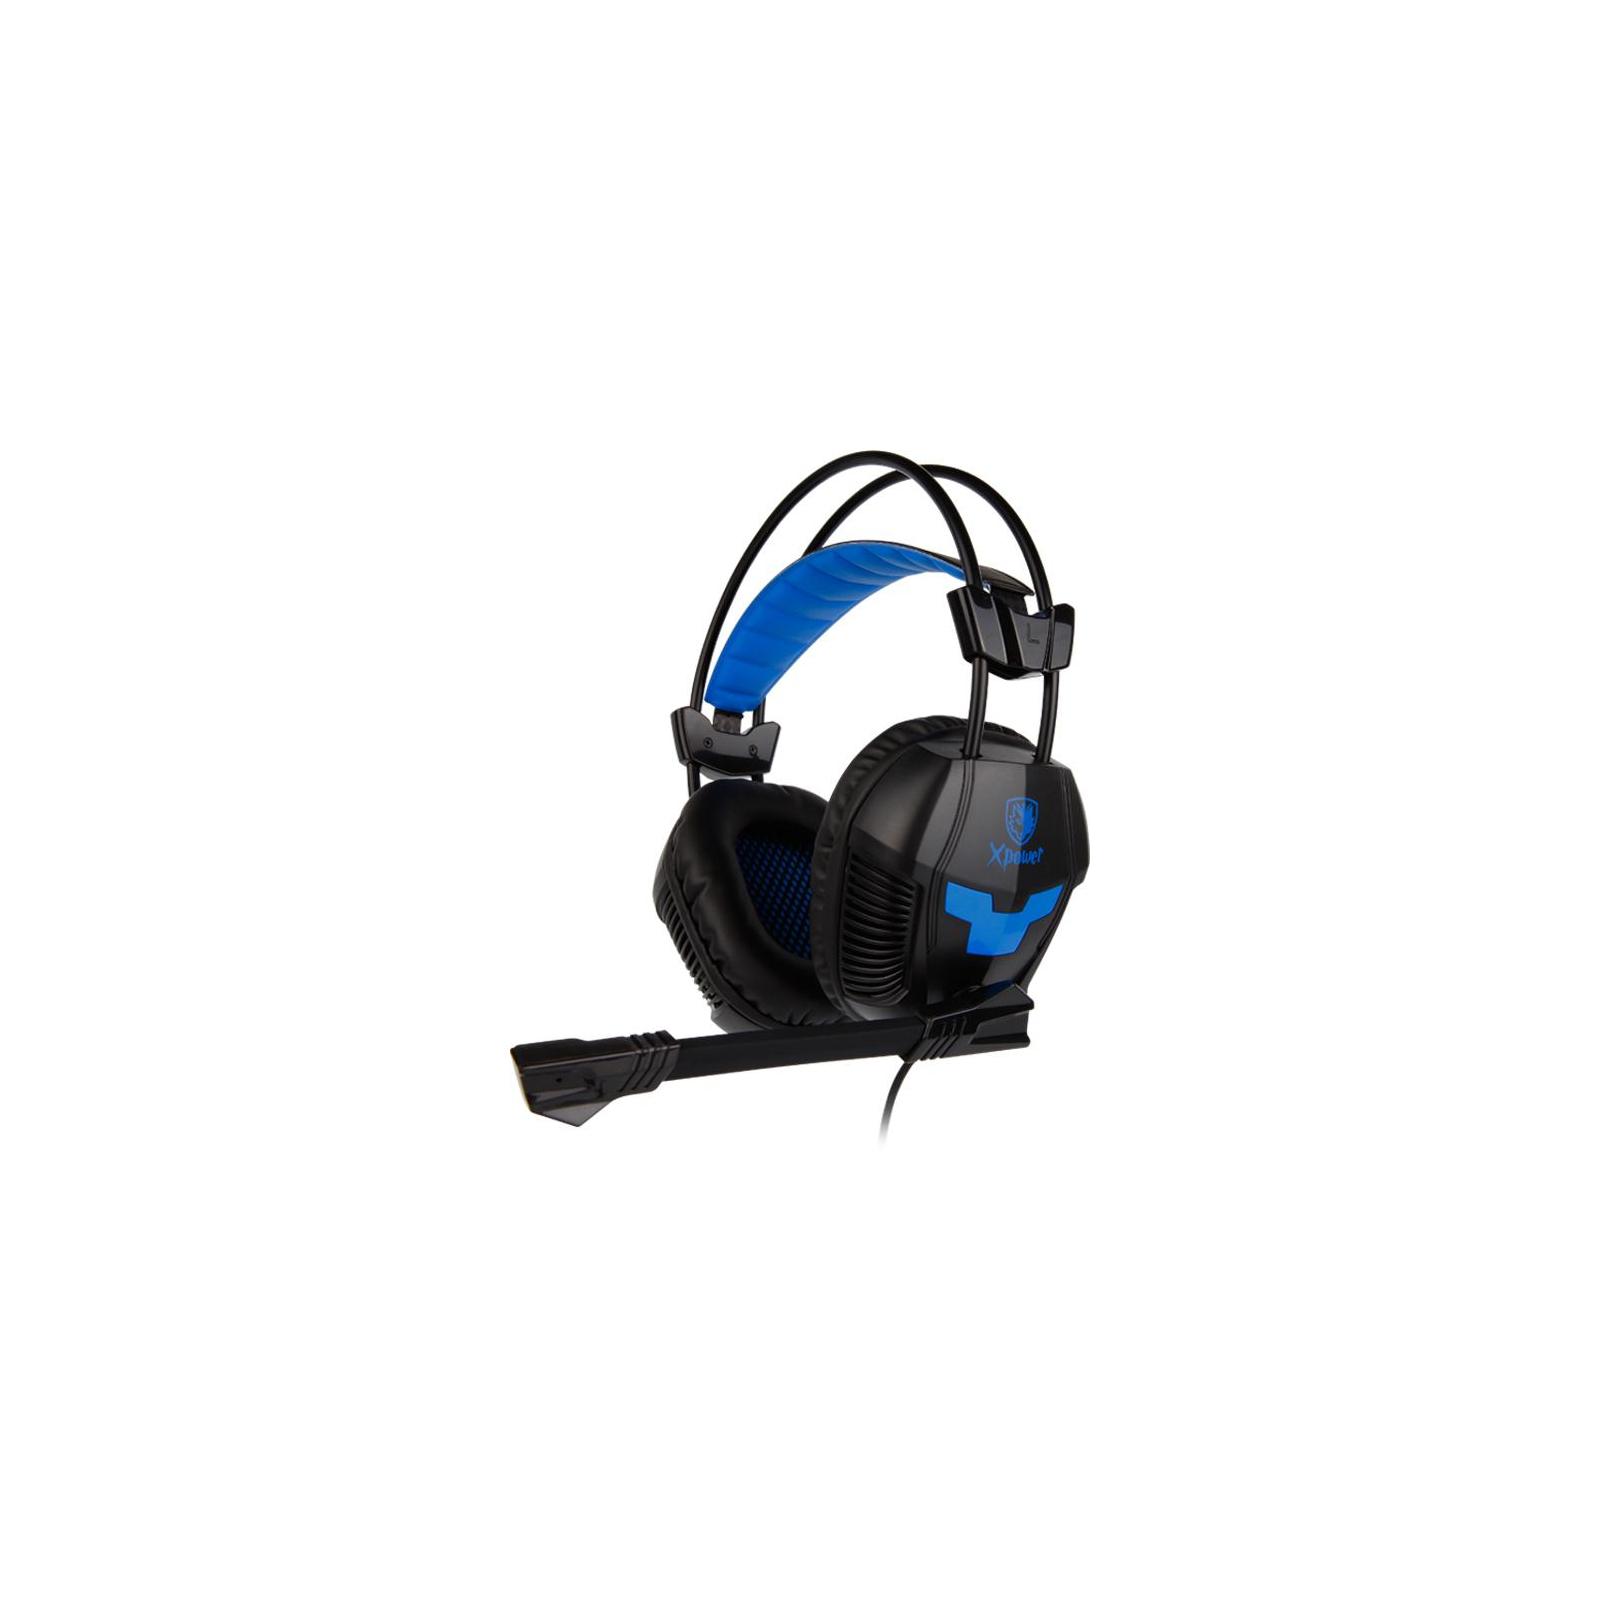 Наушники SADES Xpower Black/Blue (SA706-B-BL)